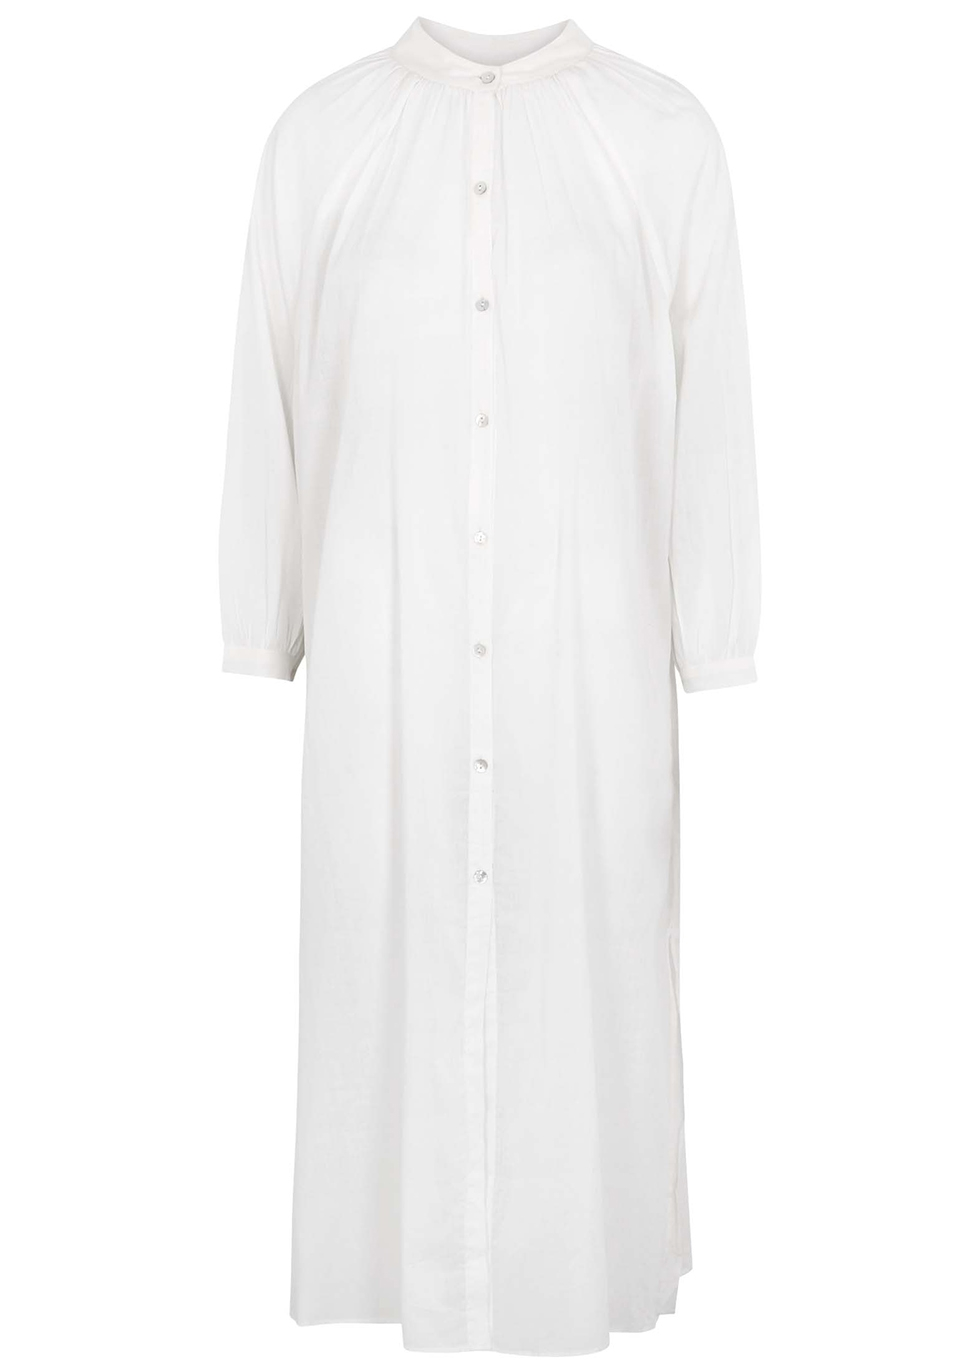 Migjorn white cotton dress